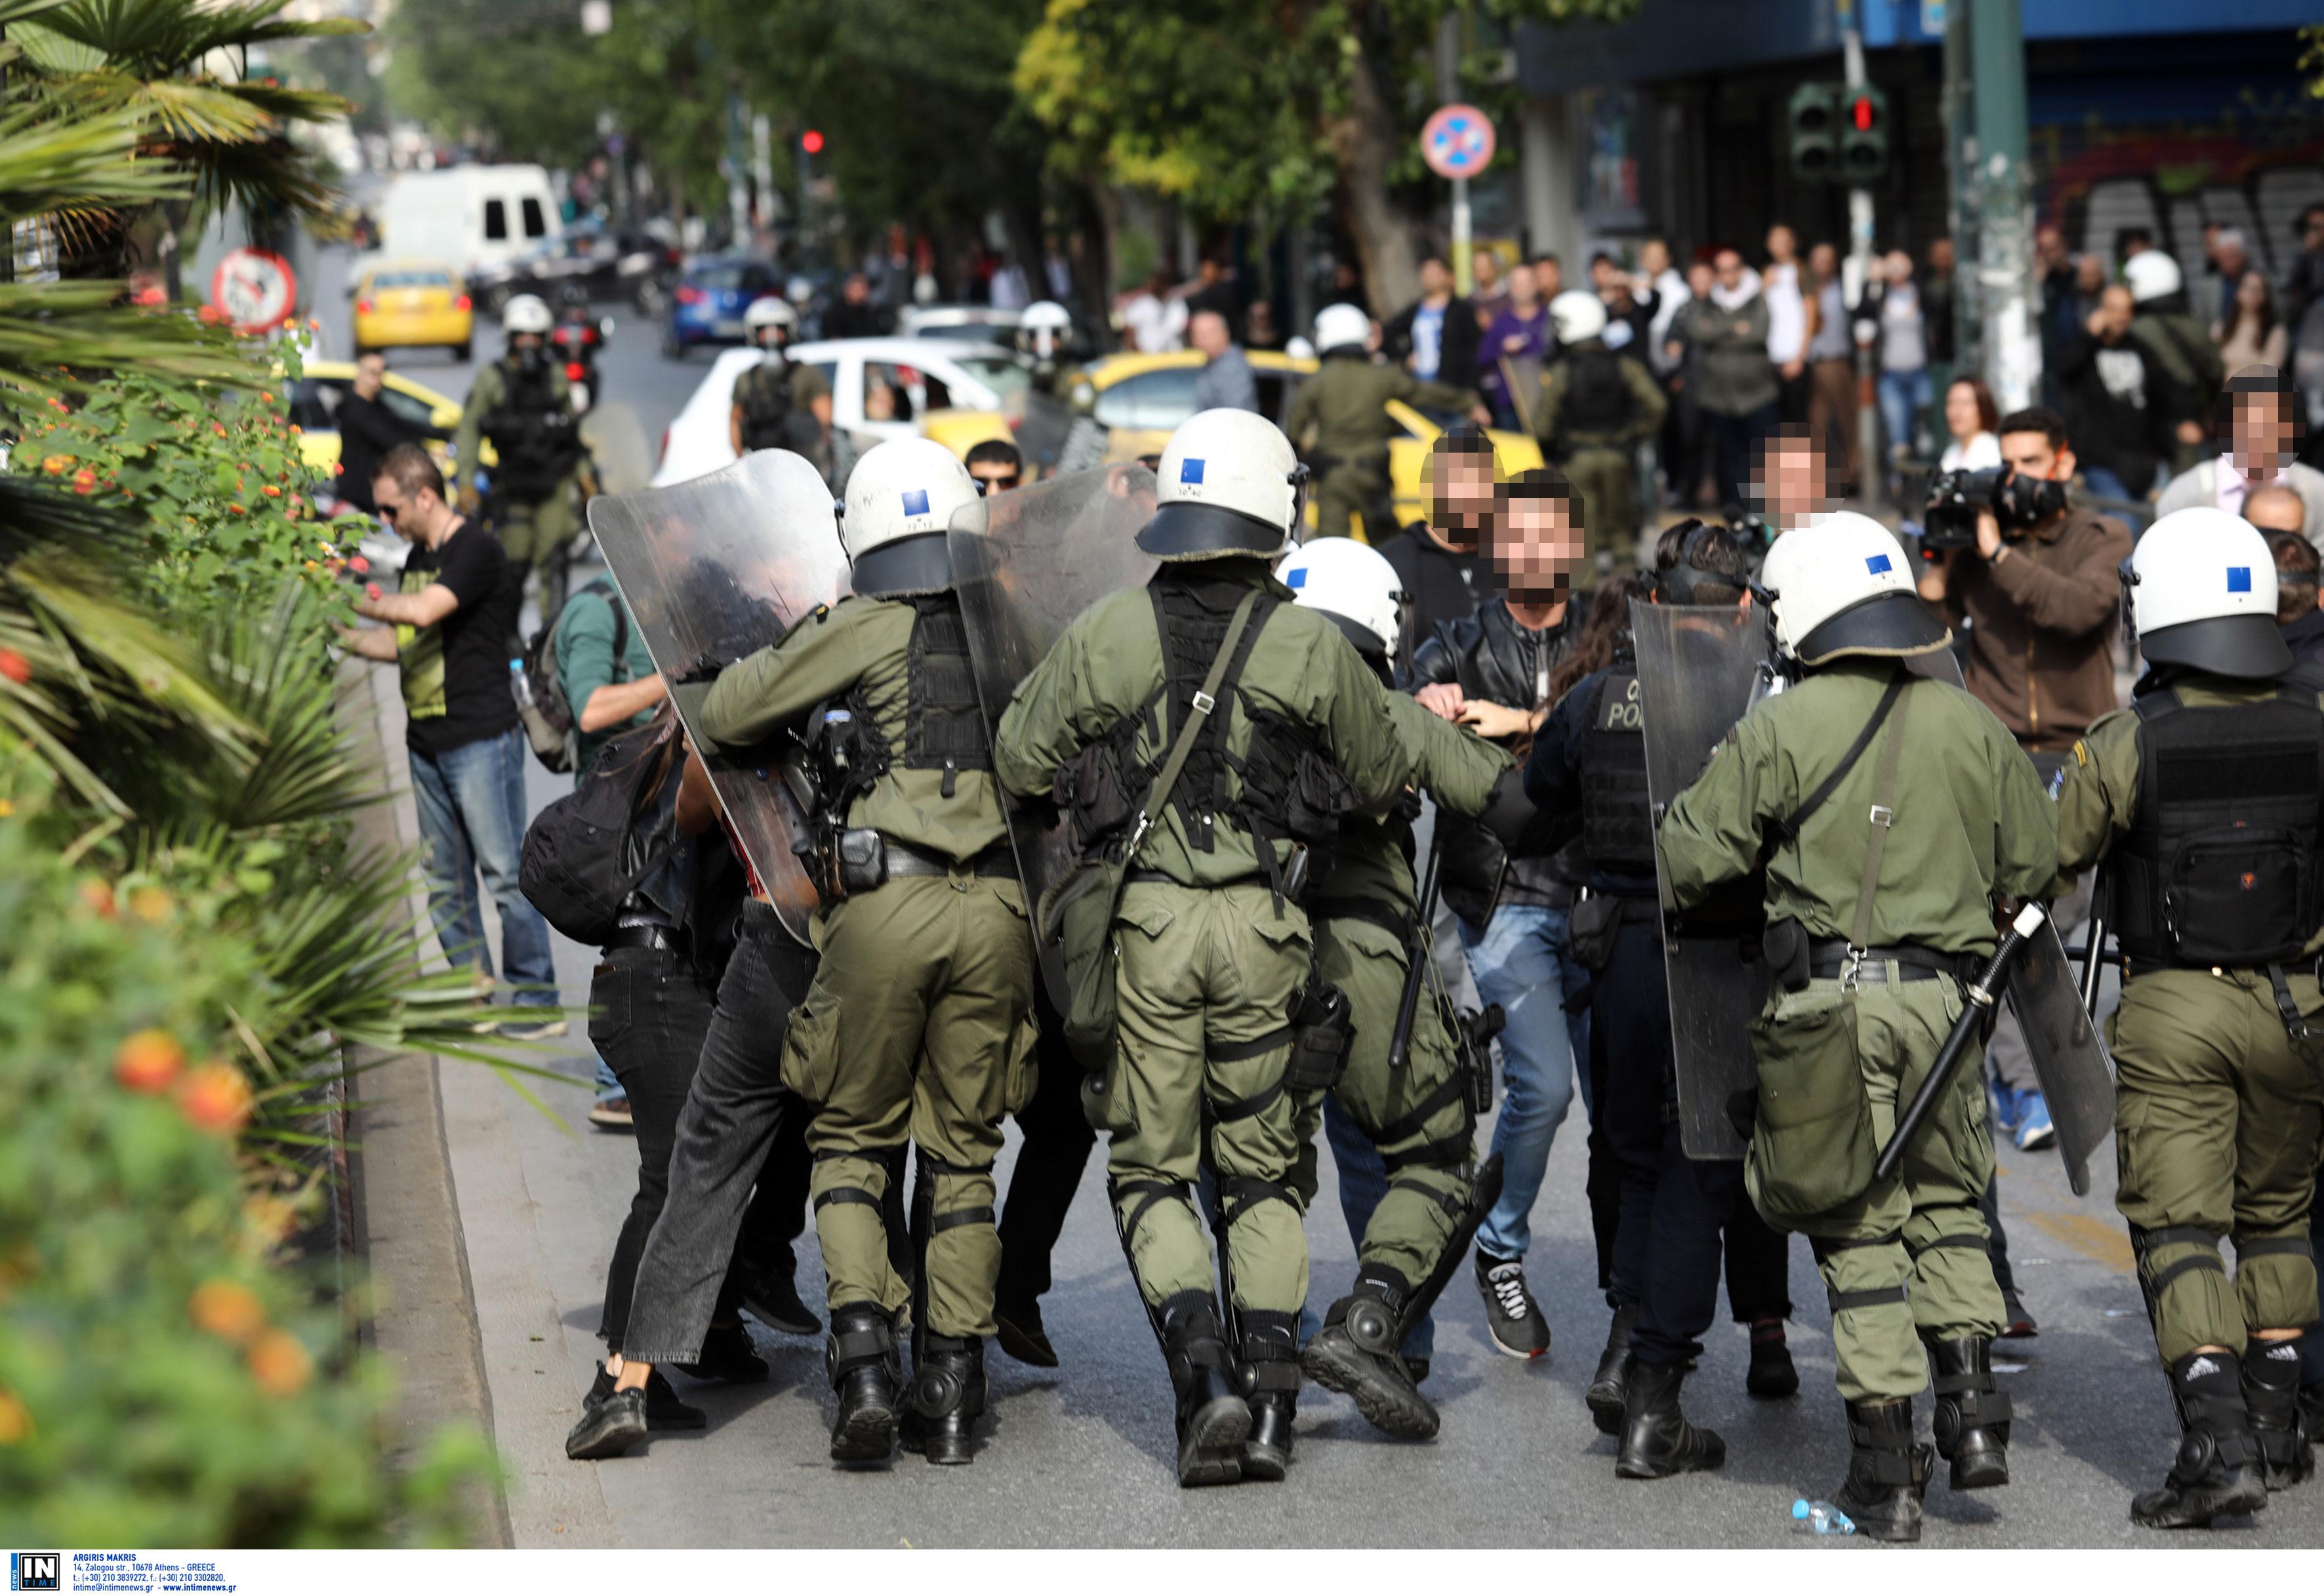 Ελεύθερος ο φοιτητής που συνελήφθη στην ΑΣΟΕΕ - Ζητά να καταθέσει ο αστυνομικός που τον συνέλαβε